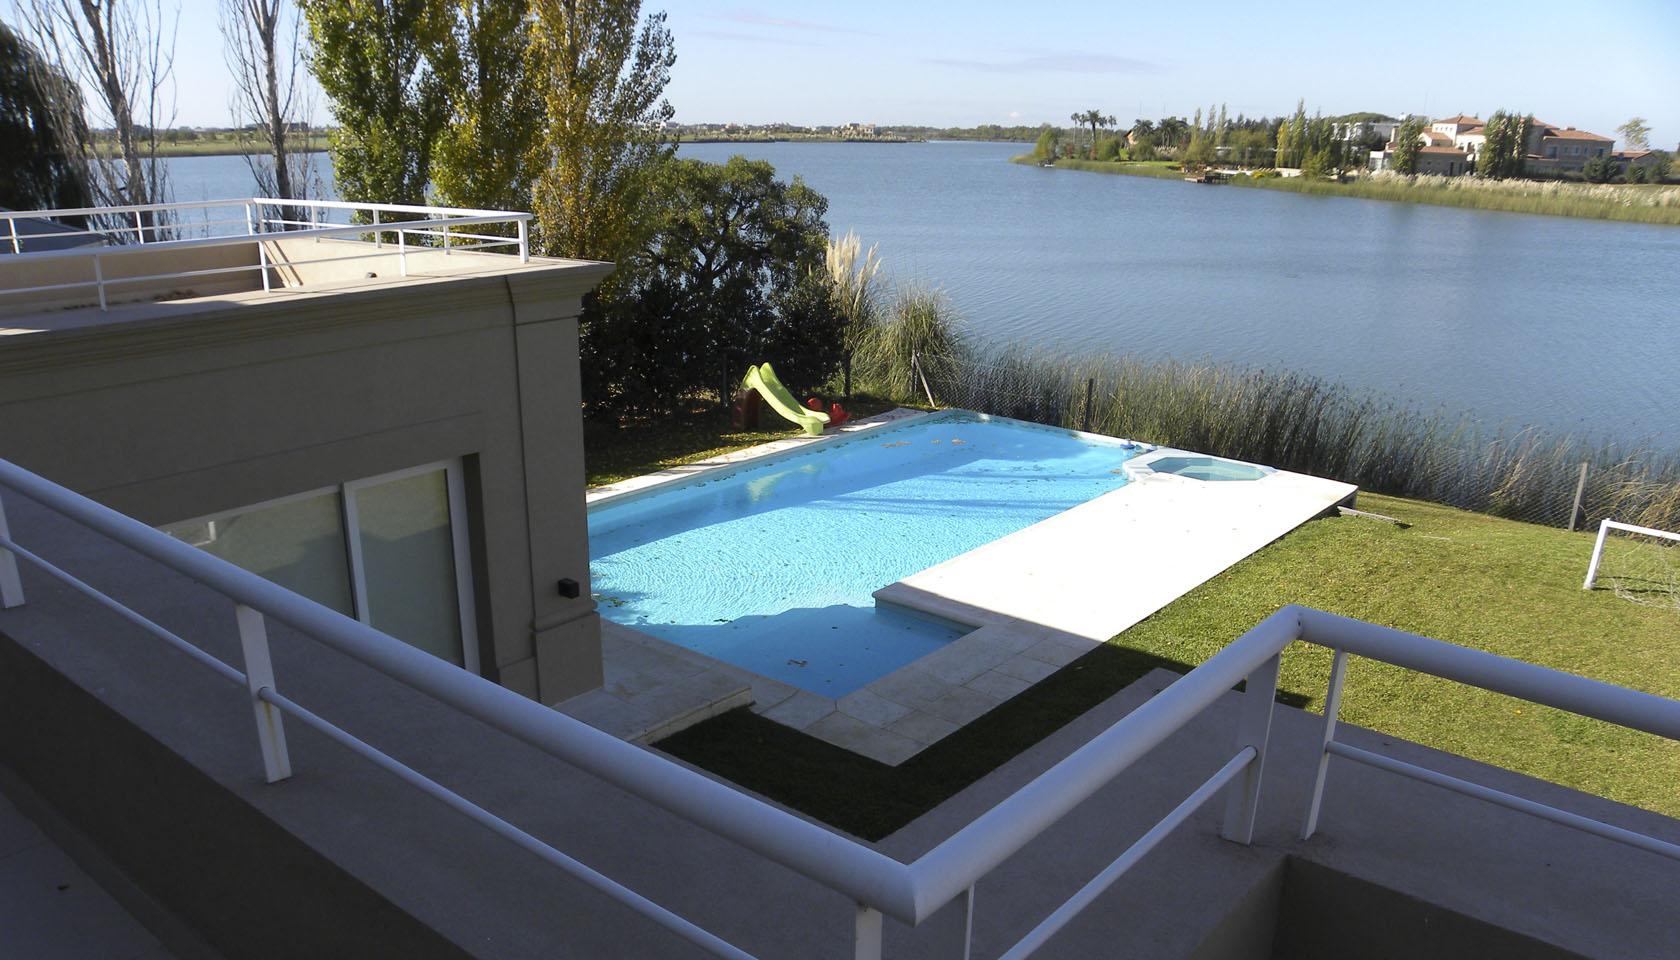 casas con vista al lago, pileta en casas modernas, arquitectura y paisaje